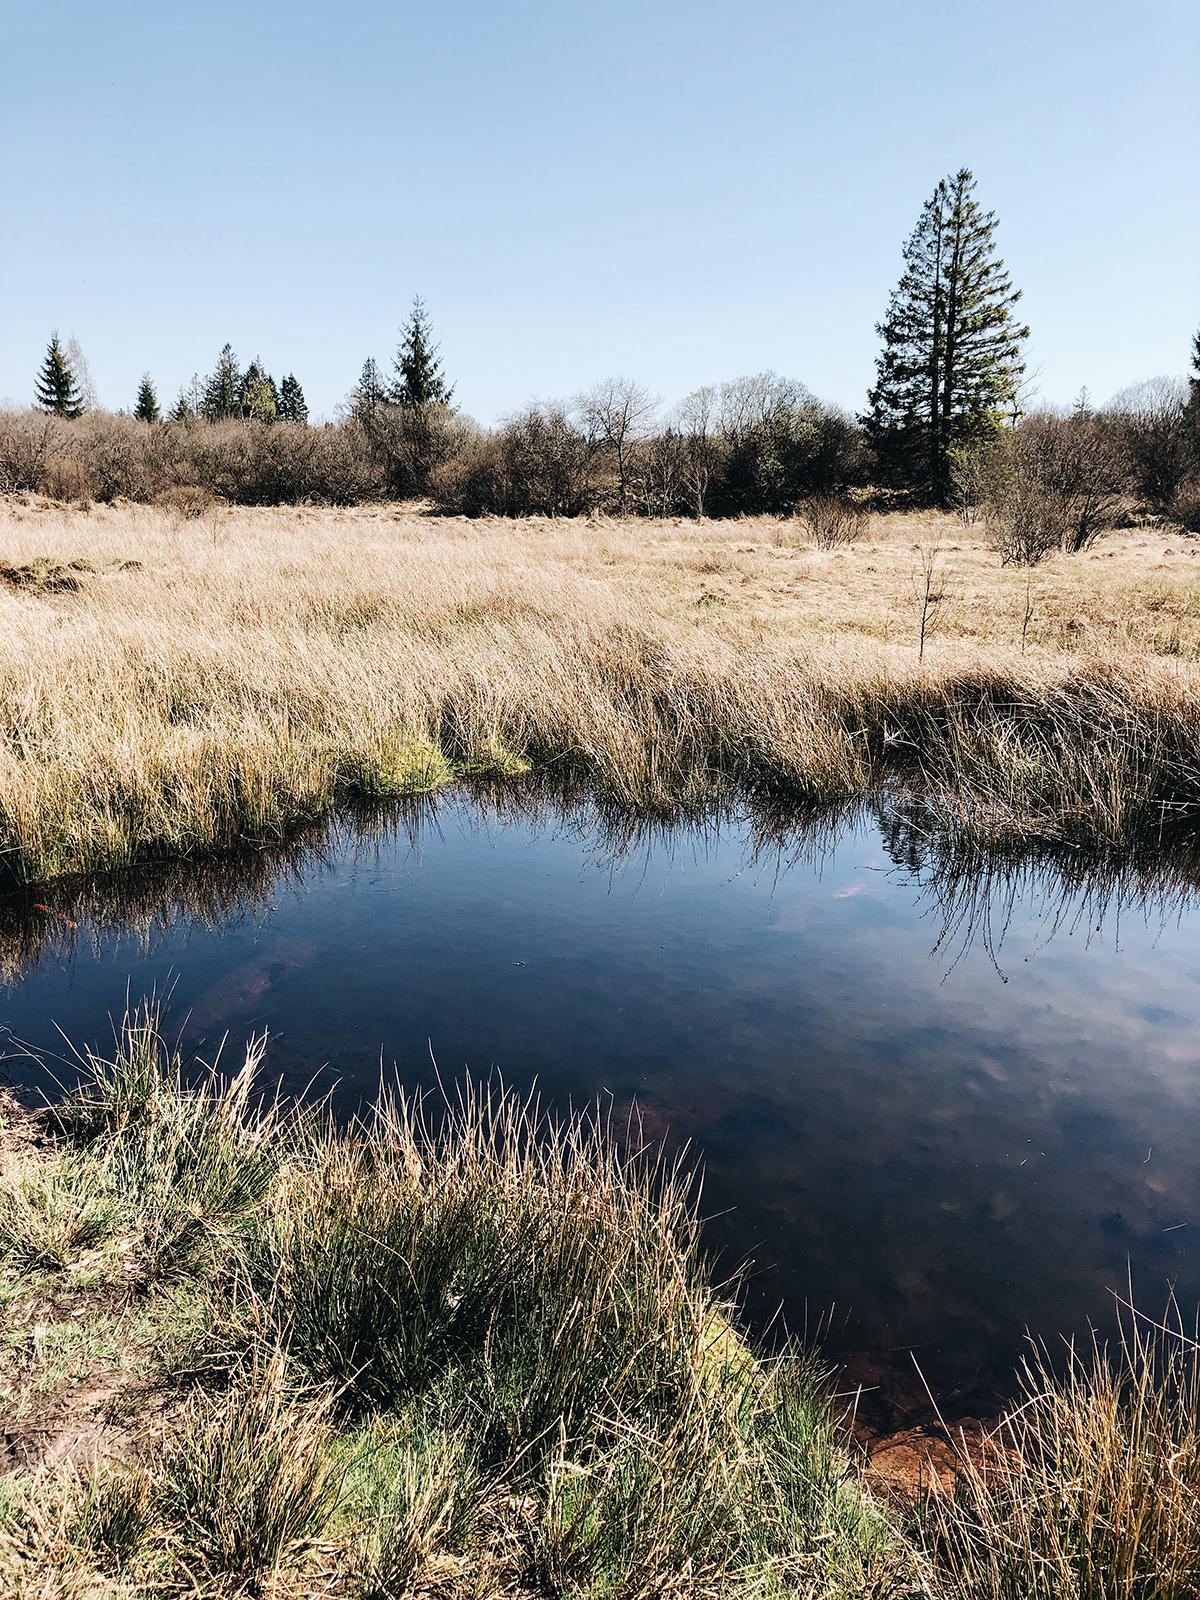 ohranimo-naravo-čisto-in-neokrnjeno-lili-in-roza-blog-skrb-za-okolje-reke-3.JPG